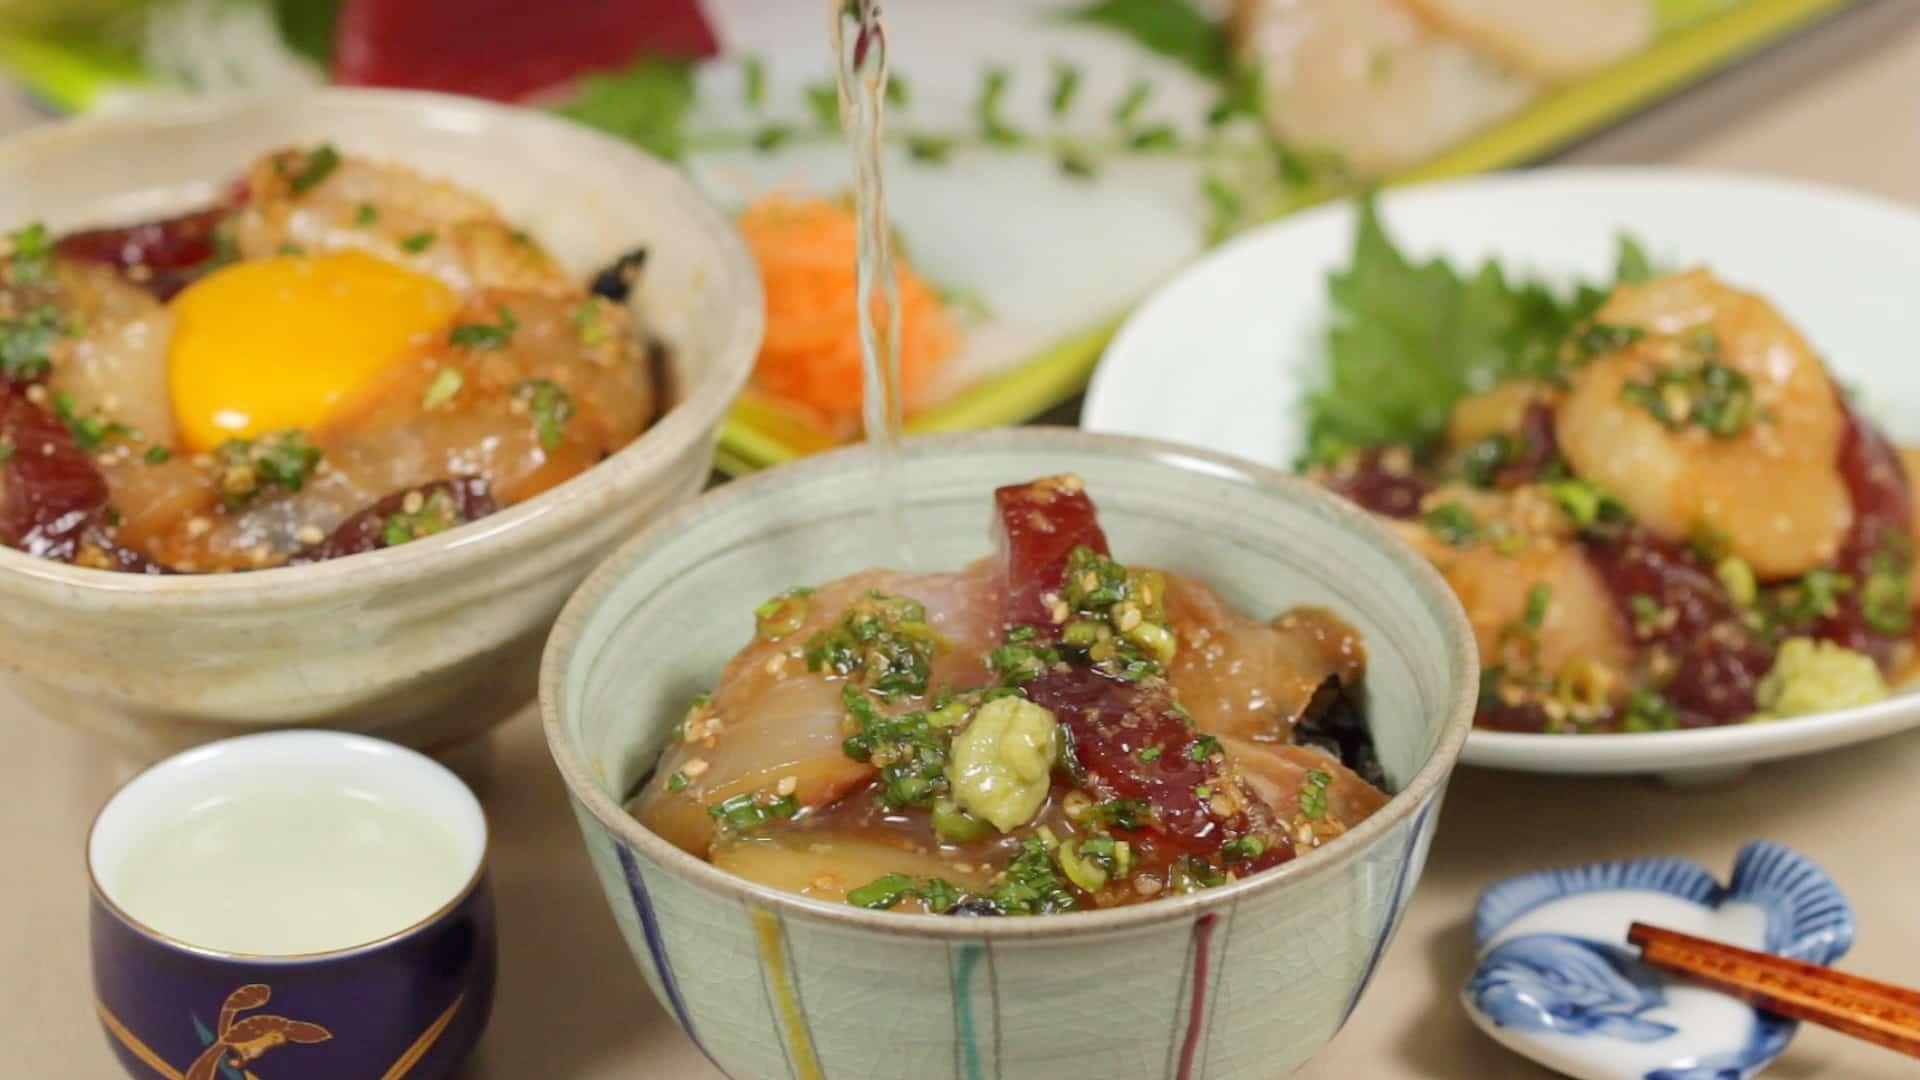 Ryukyu Recipe 3 Ways To Enjoy Marinated Sashimi Cooking With Dog Recipe In 2020 Recipes Sashimi Fine Dining Recipes